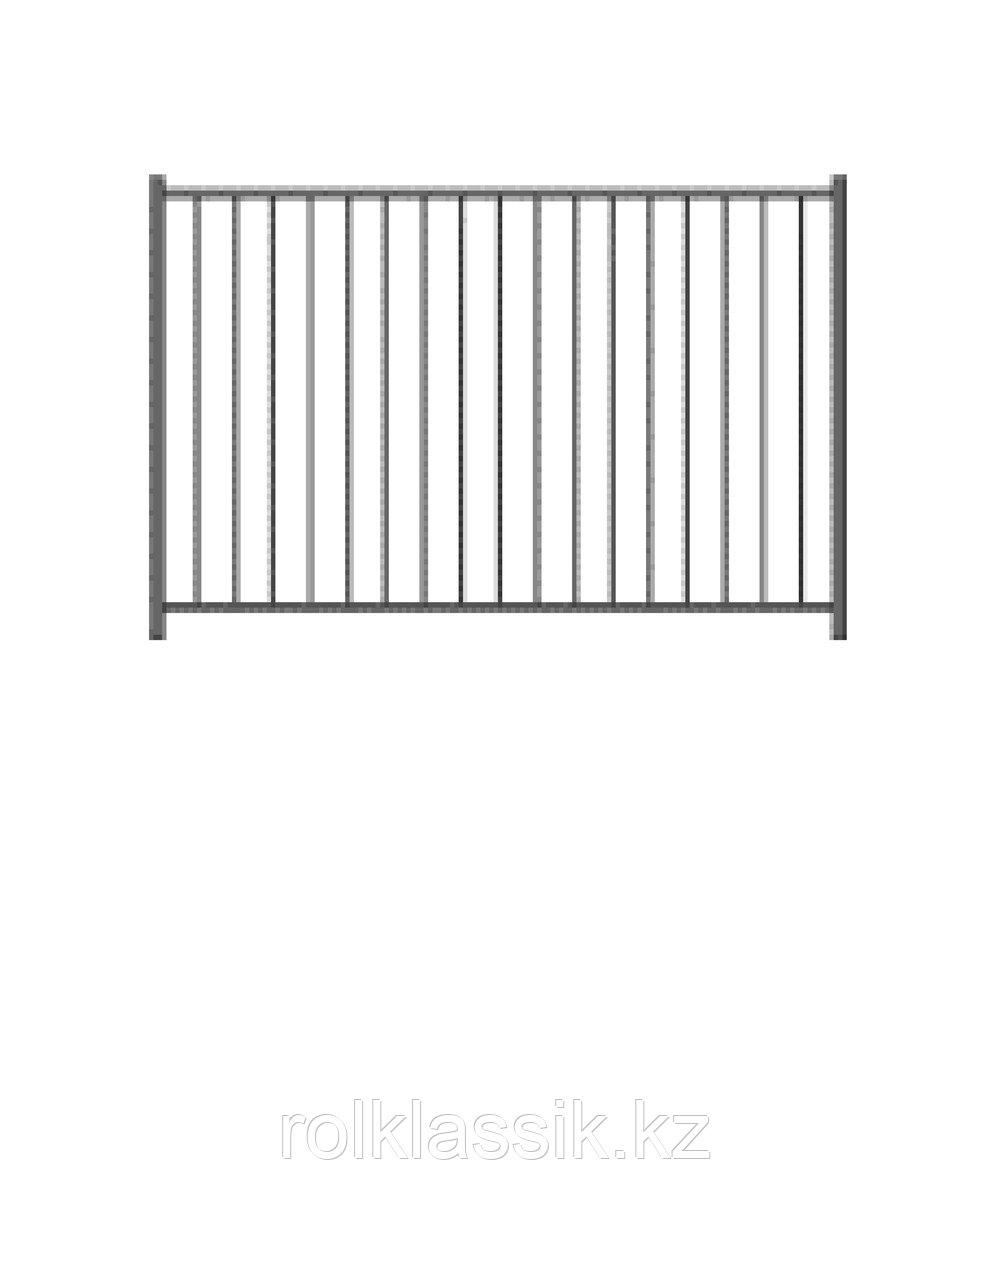 Заборы металлические с полимерным покрытием,модульные  ограждения